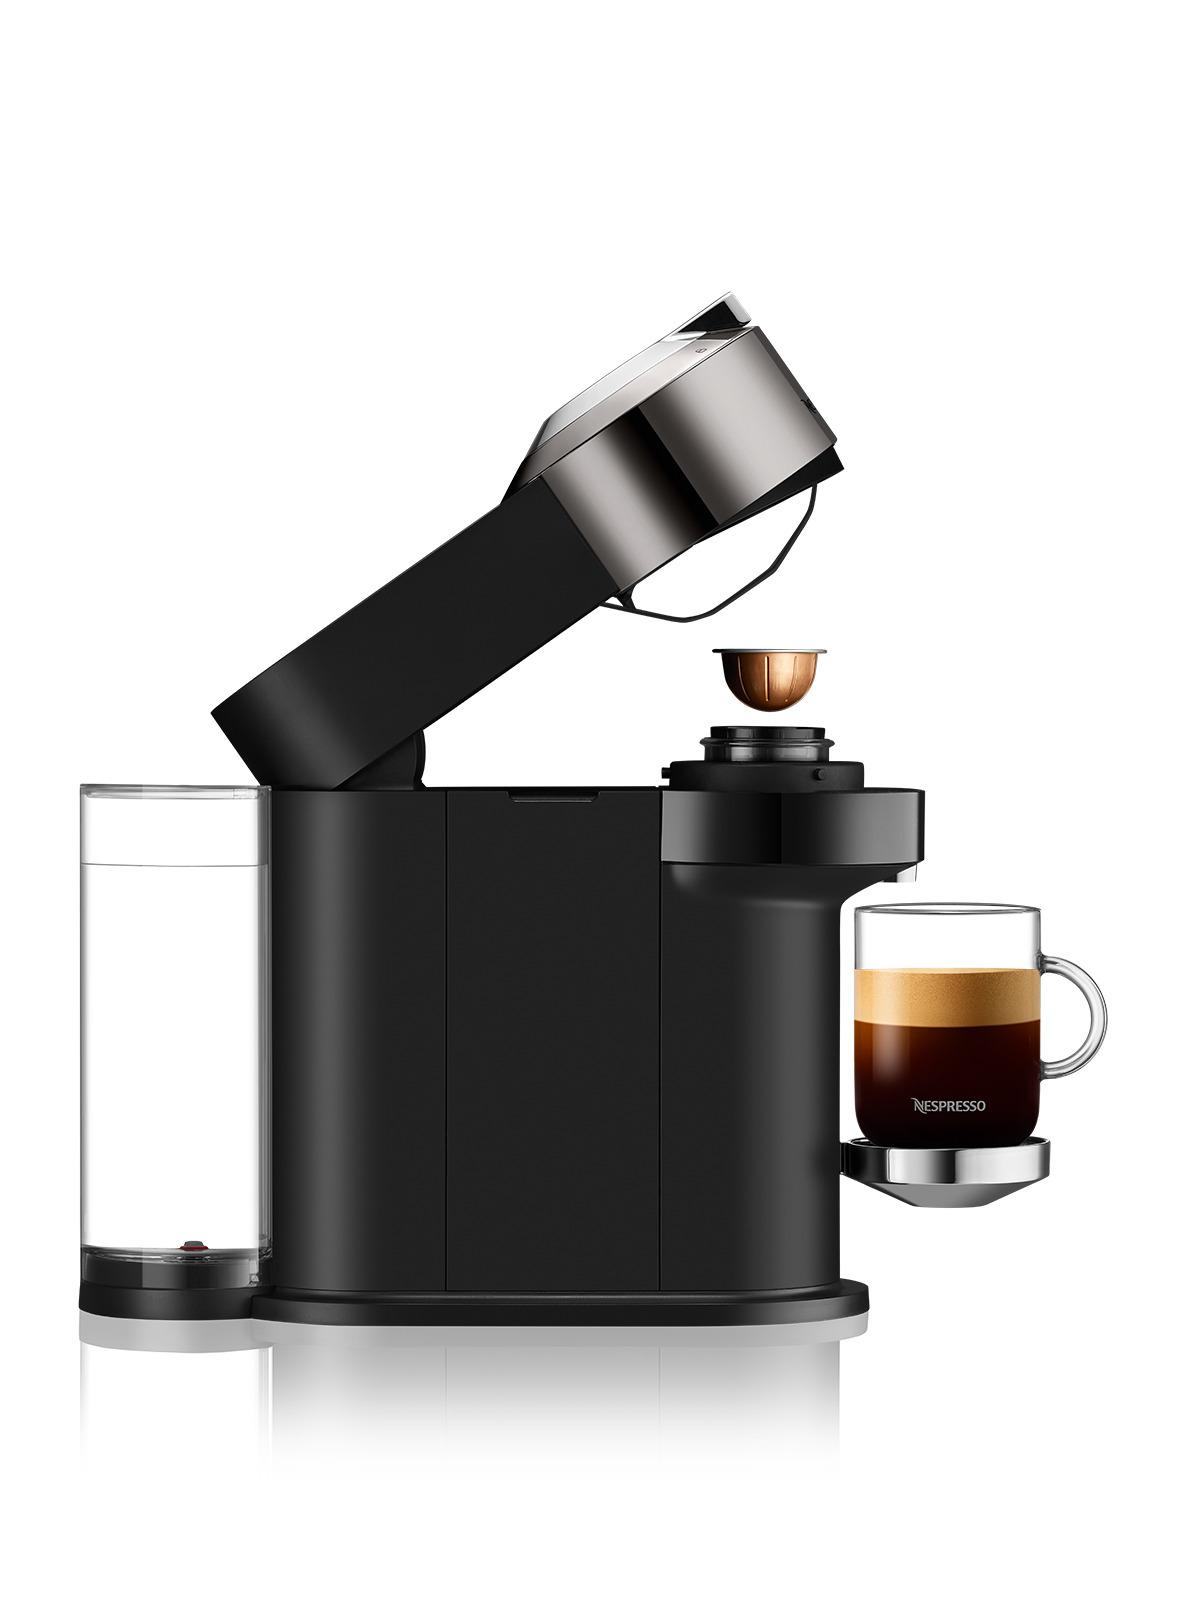 מכונת קפה NESPRESSO VertuoNext GCV1 כרום נספרסו - תמונה 4